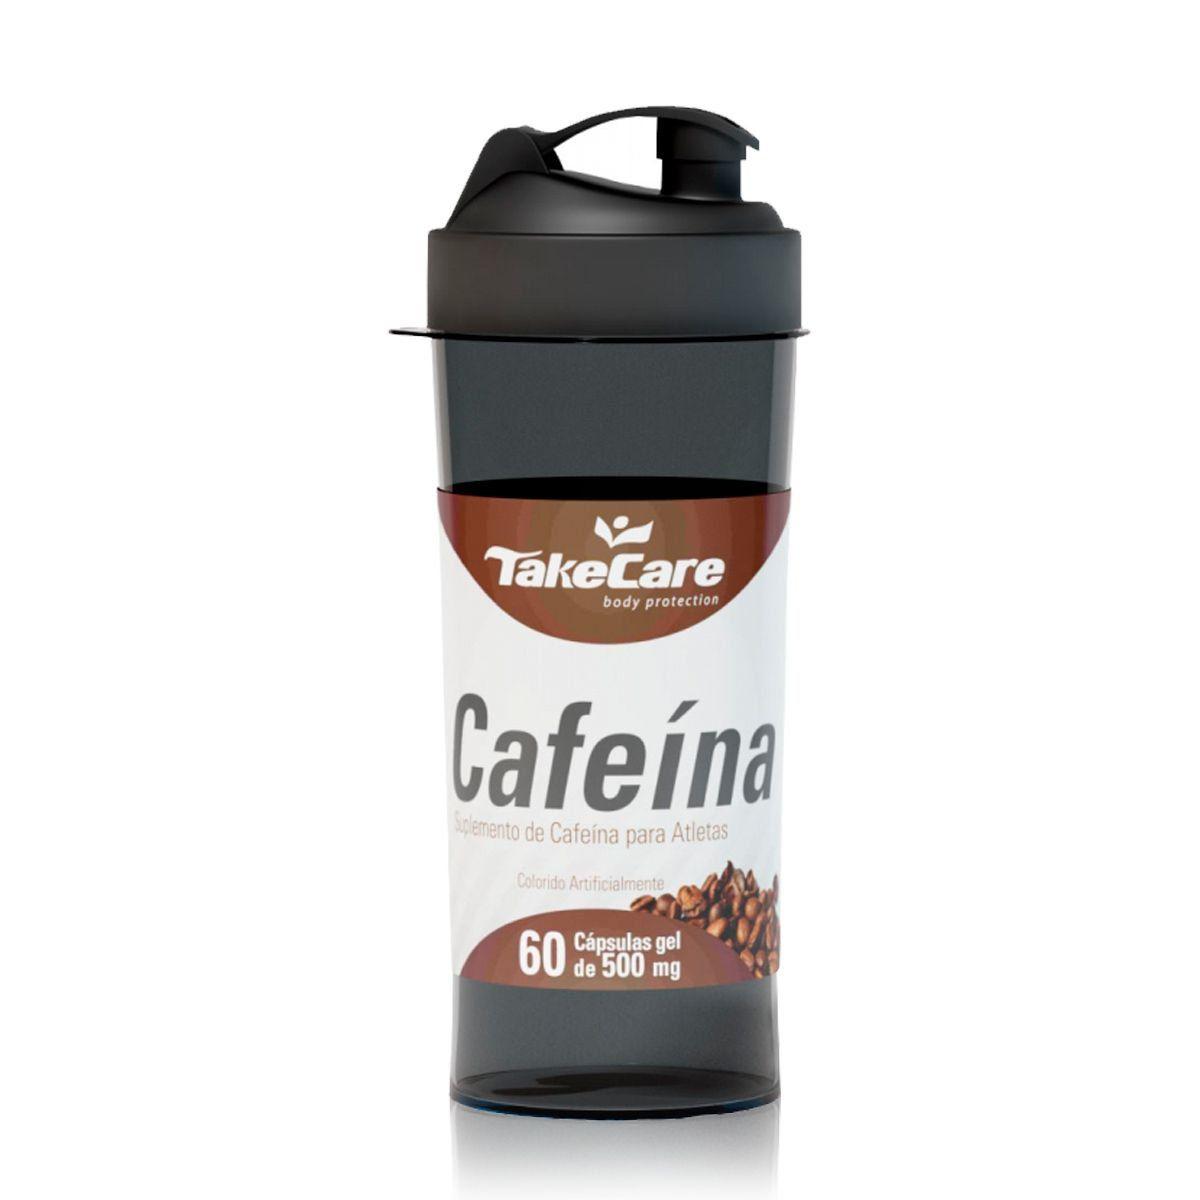 Cafeína 500mg 60 Caps + Coqueteleria - Take Care